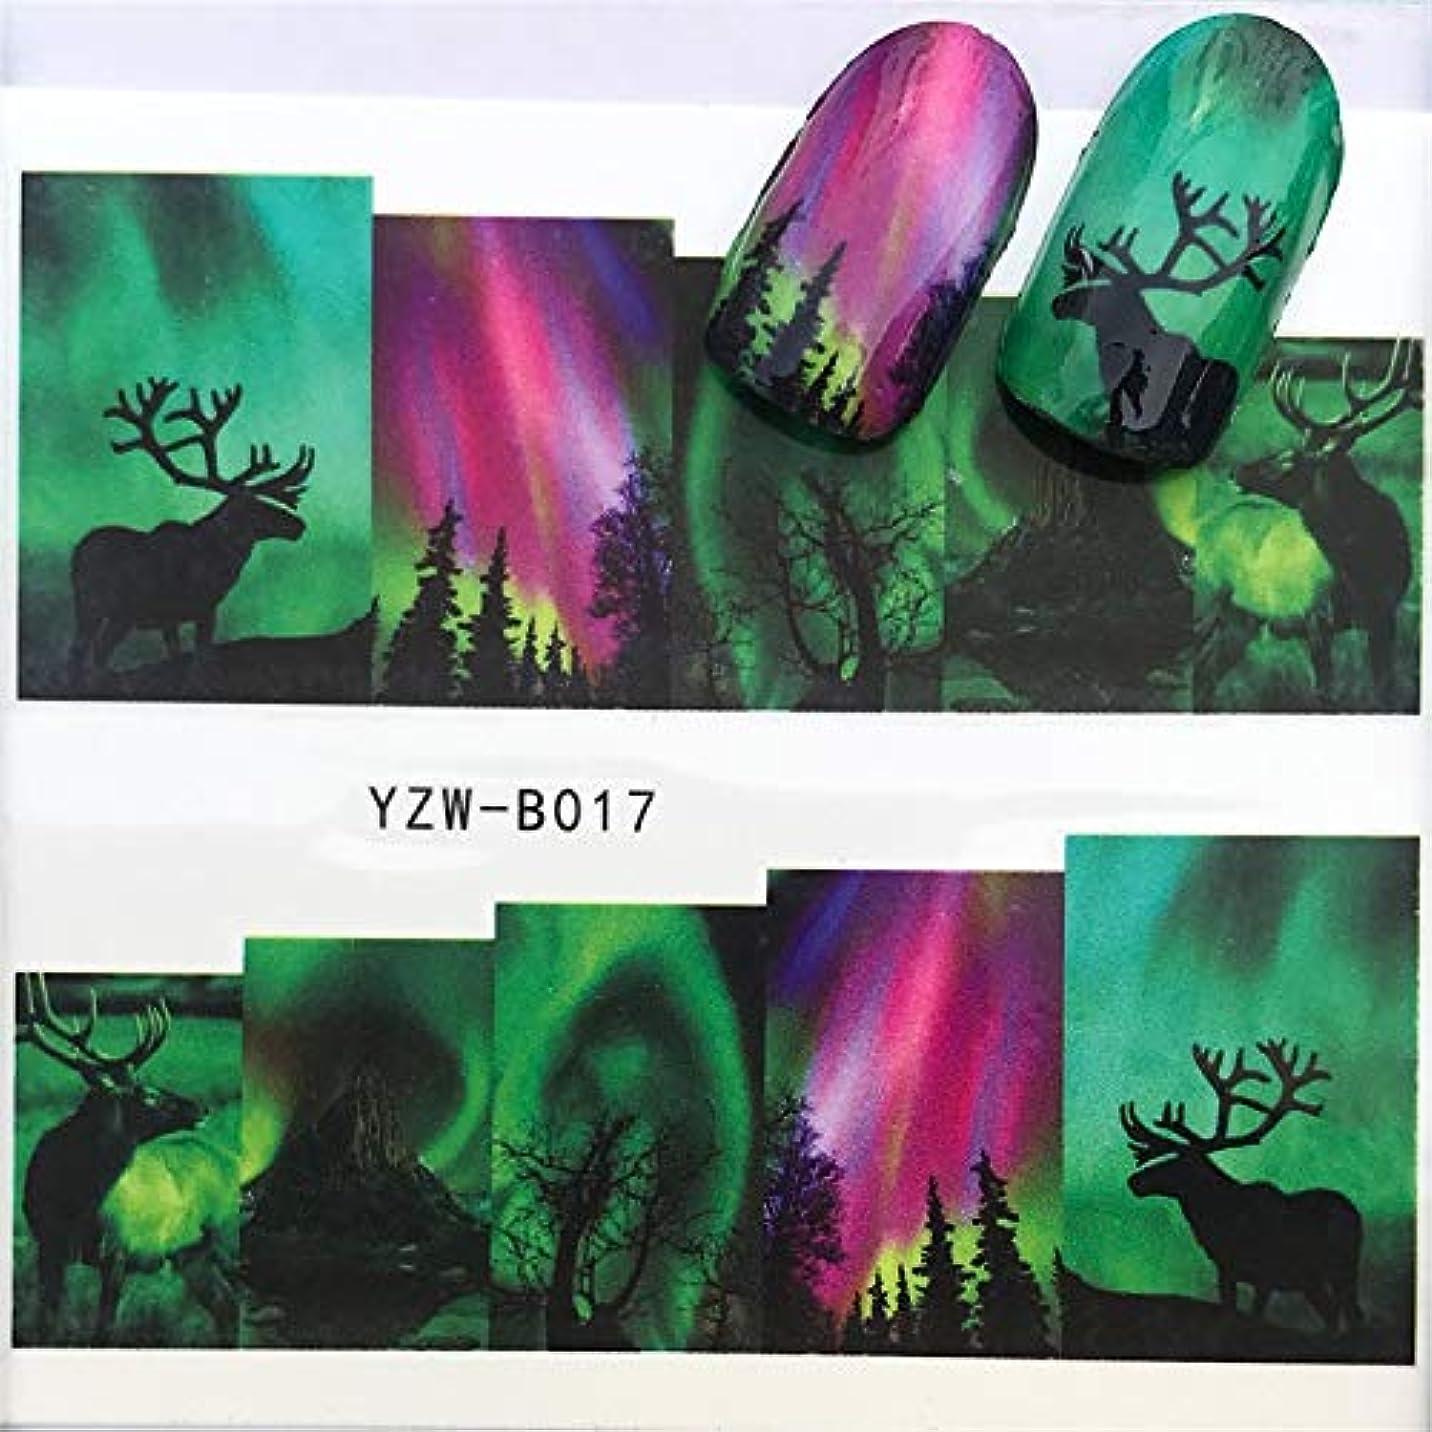 挑む魅了するマウスビューティー&パーソナルケア 3個ネイルステッカーセットデカール水転写スライダーネイルアートデコレーション、色:YZWB017 ステッカー&デカール